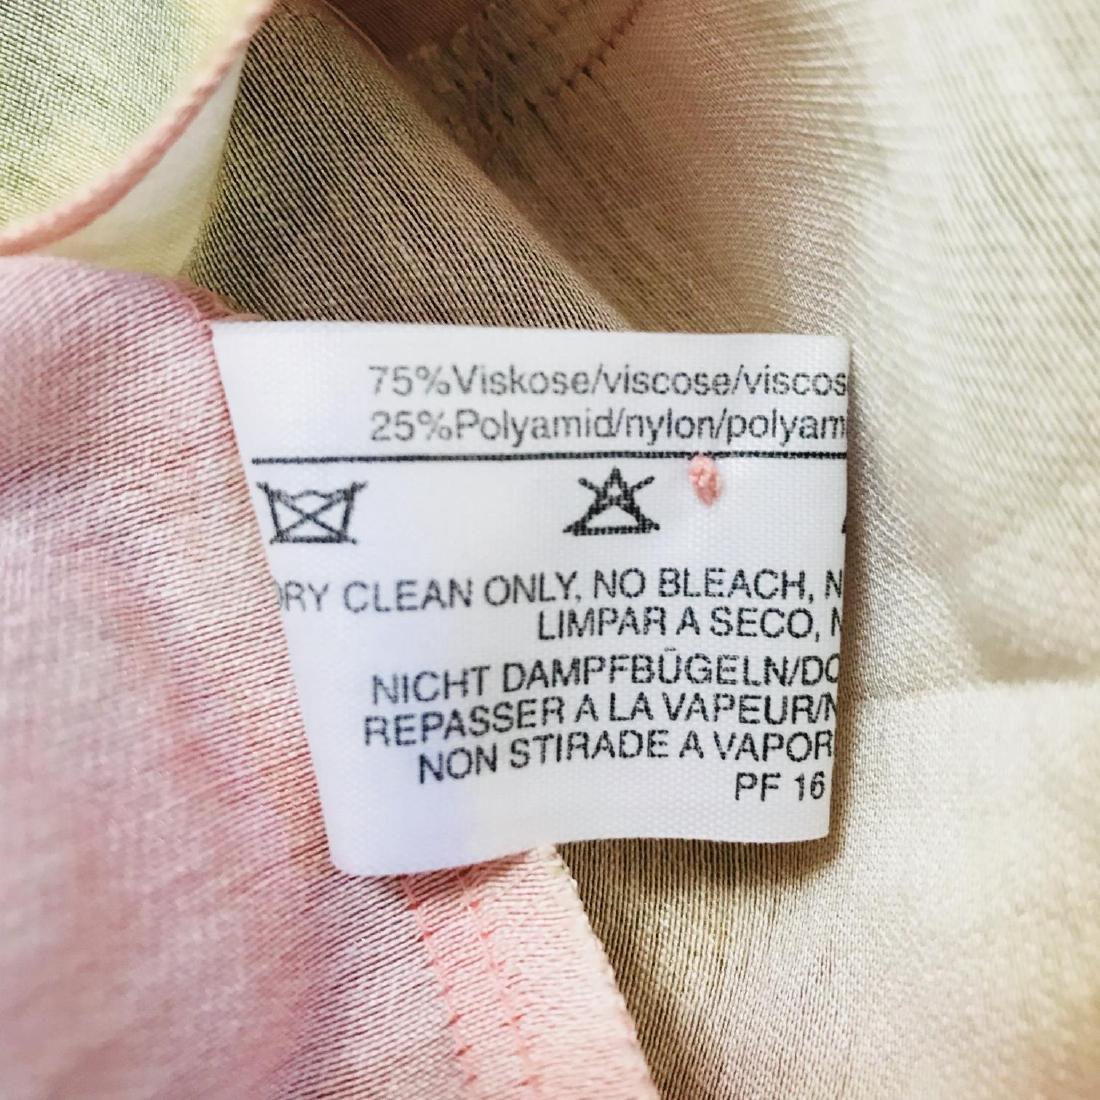 Vintage Women's FINK Blouse Shirt Top Size EUR 40 US 10 - 6